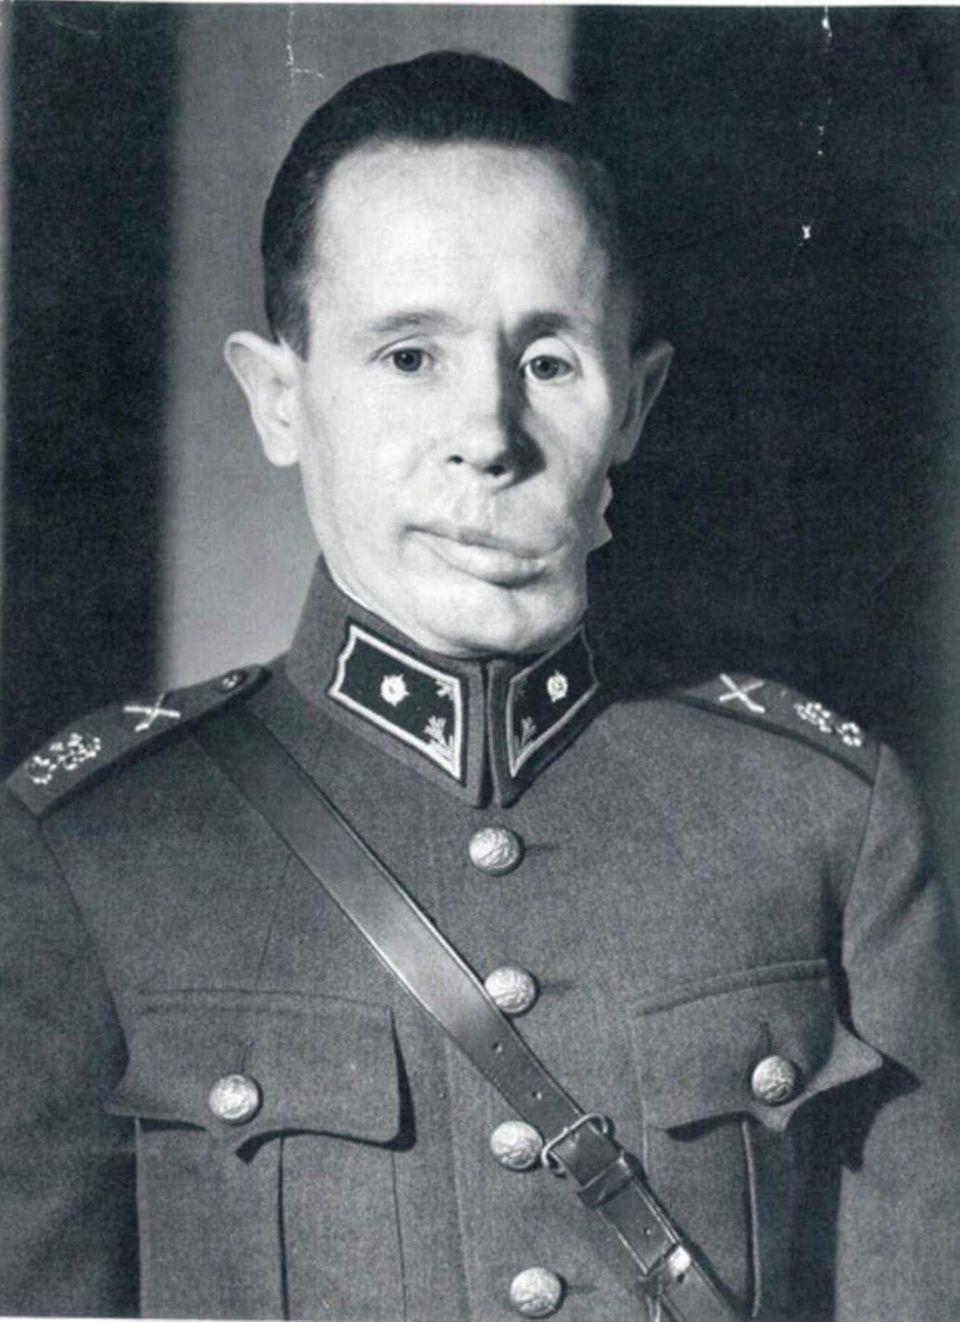 Simo Häyhä verlor einen Teil seines Kiefers und erlangte sein Sprachvermögen nie ganz wieder.